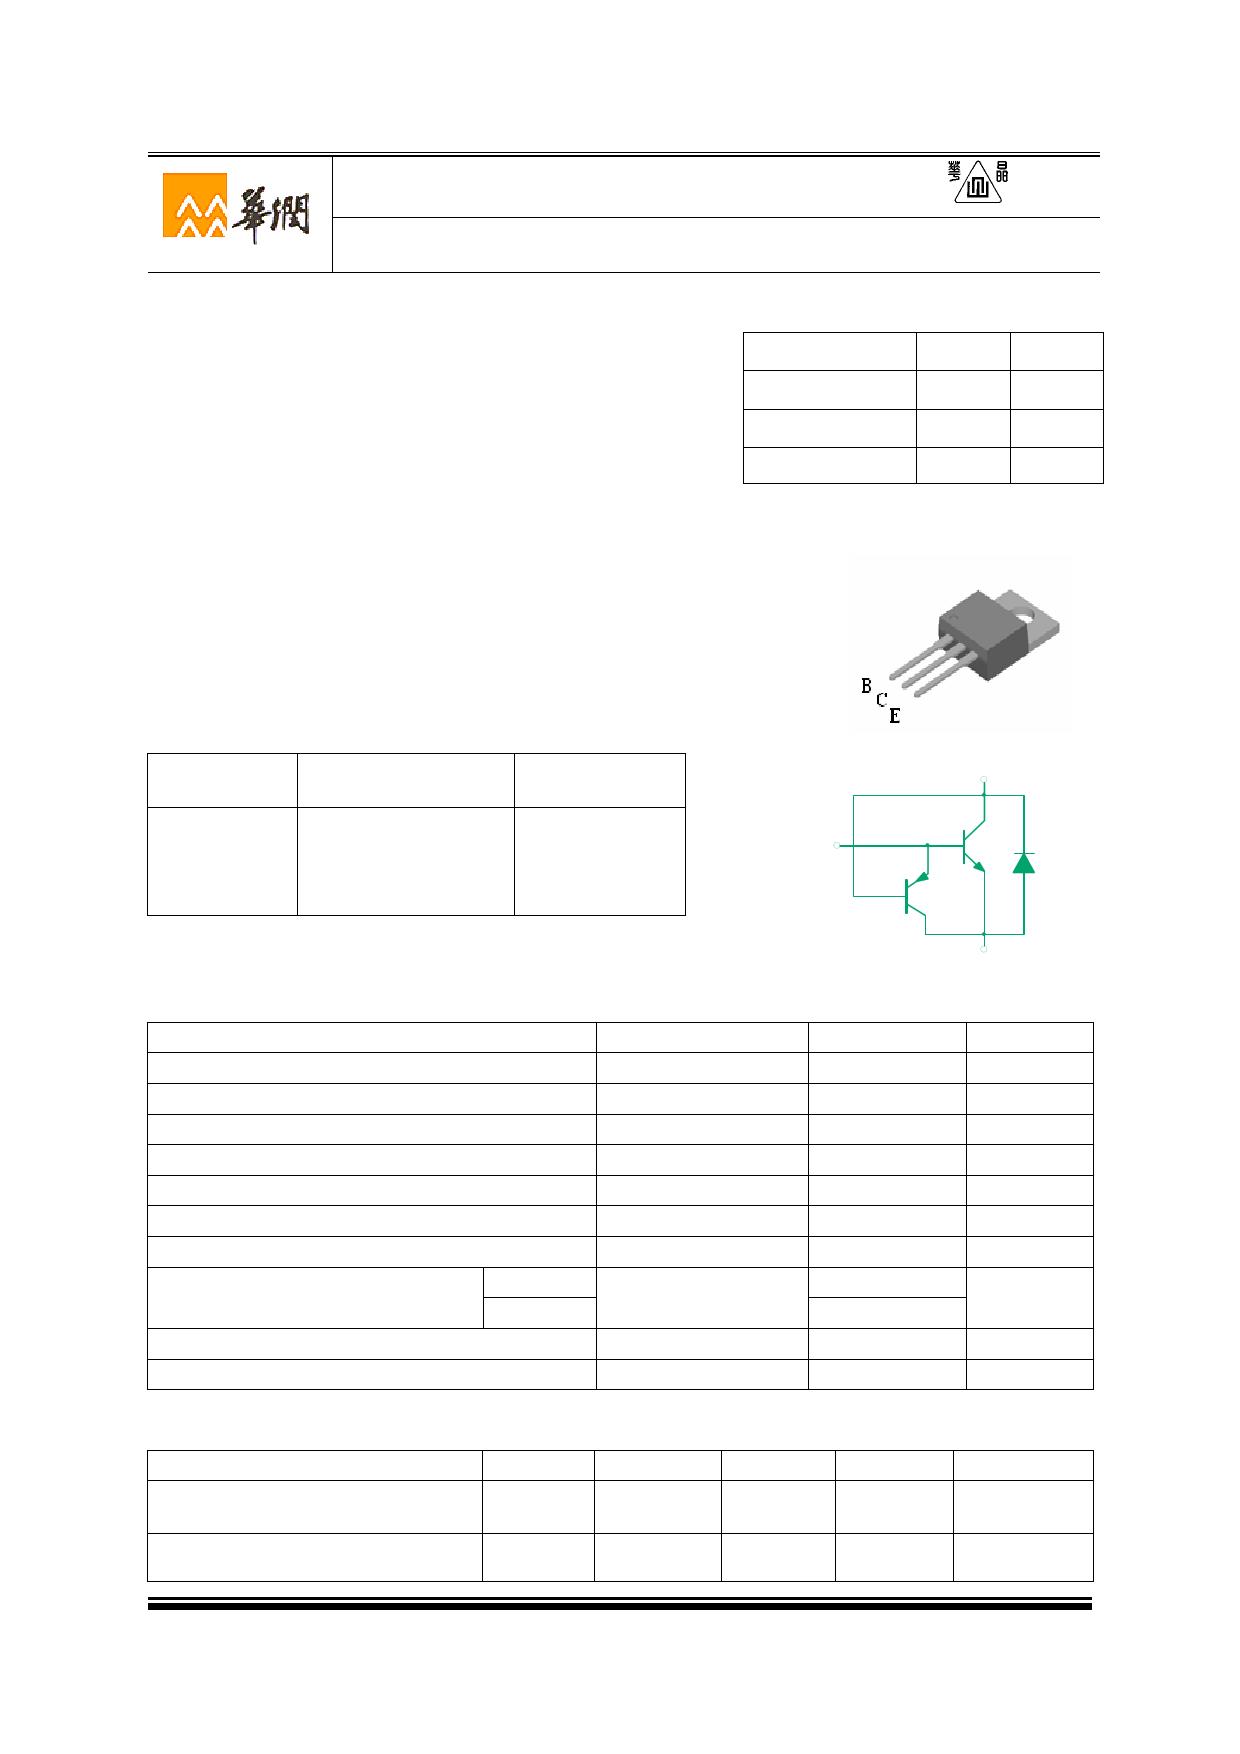 3DD13005P8D Datasheet, 3DD13005P8D PDF,ピン配置, 機能